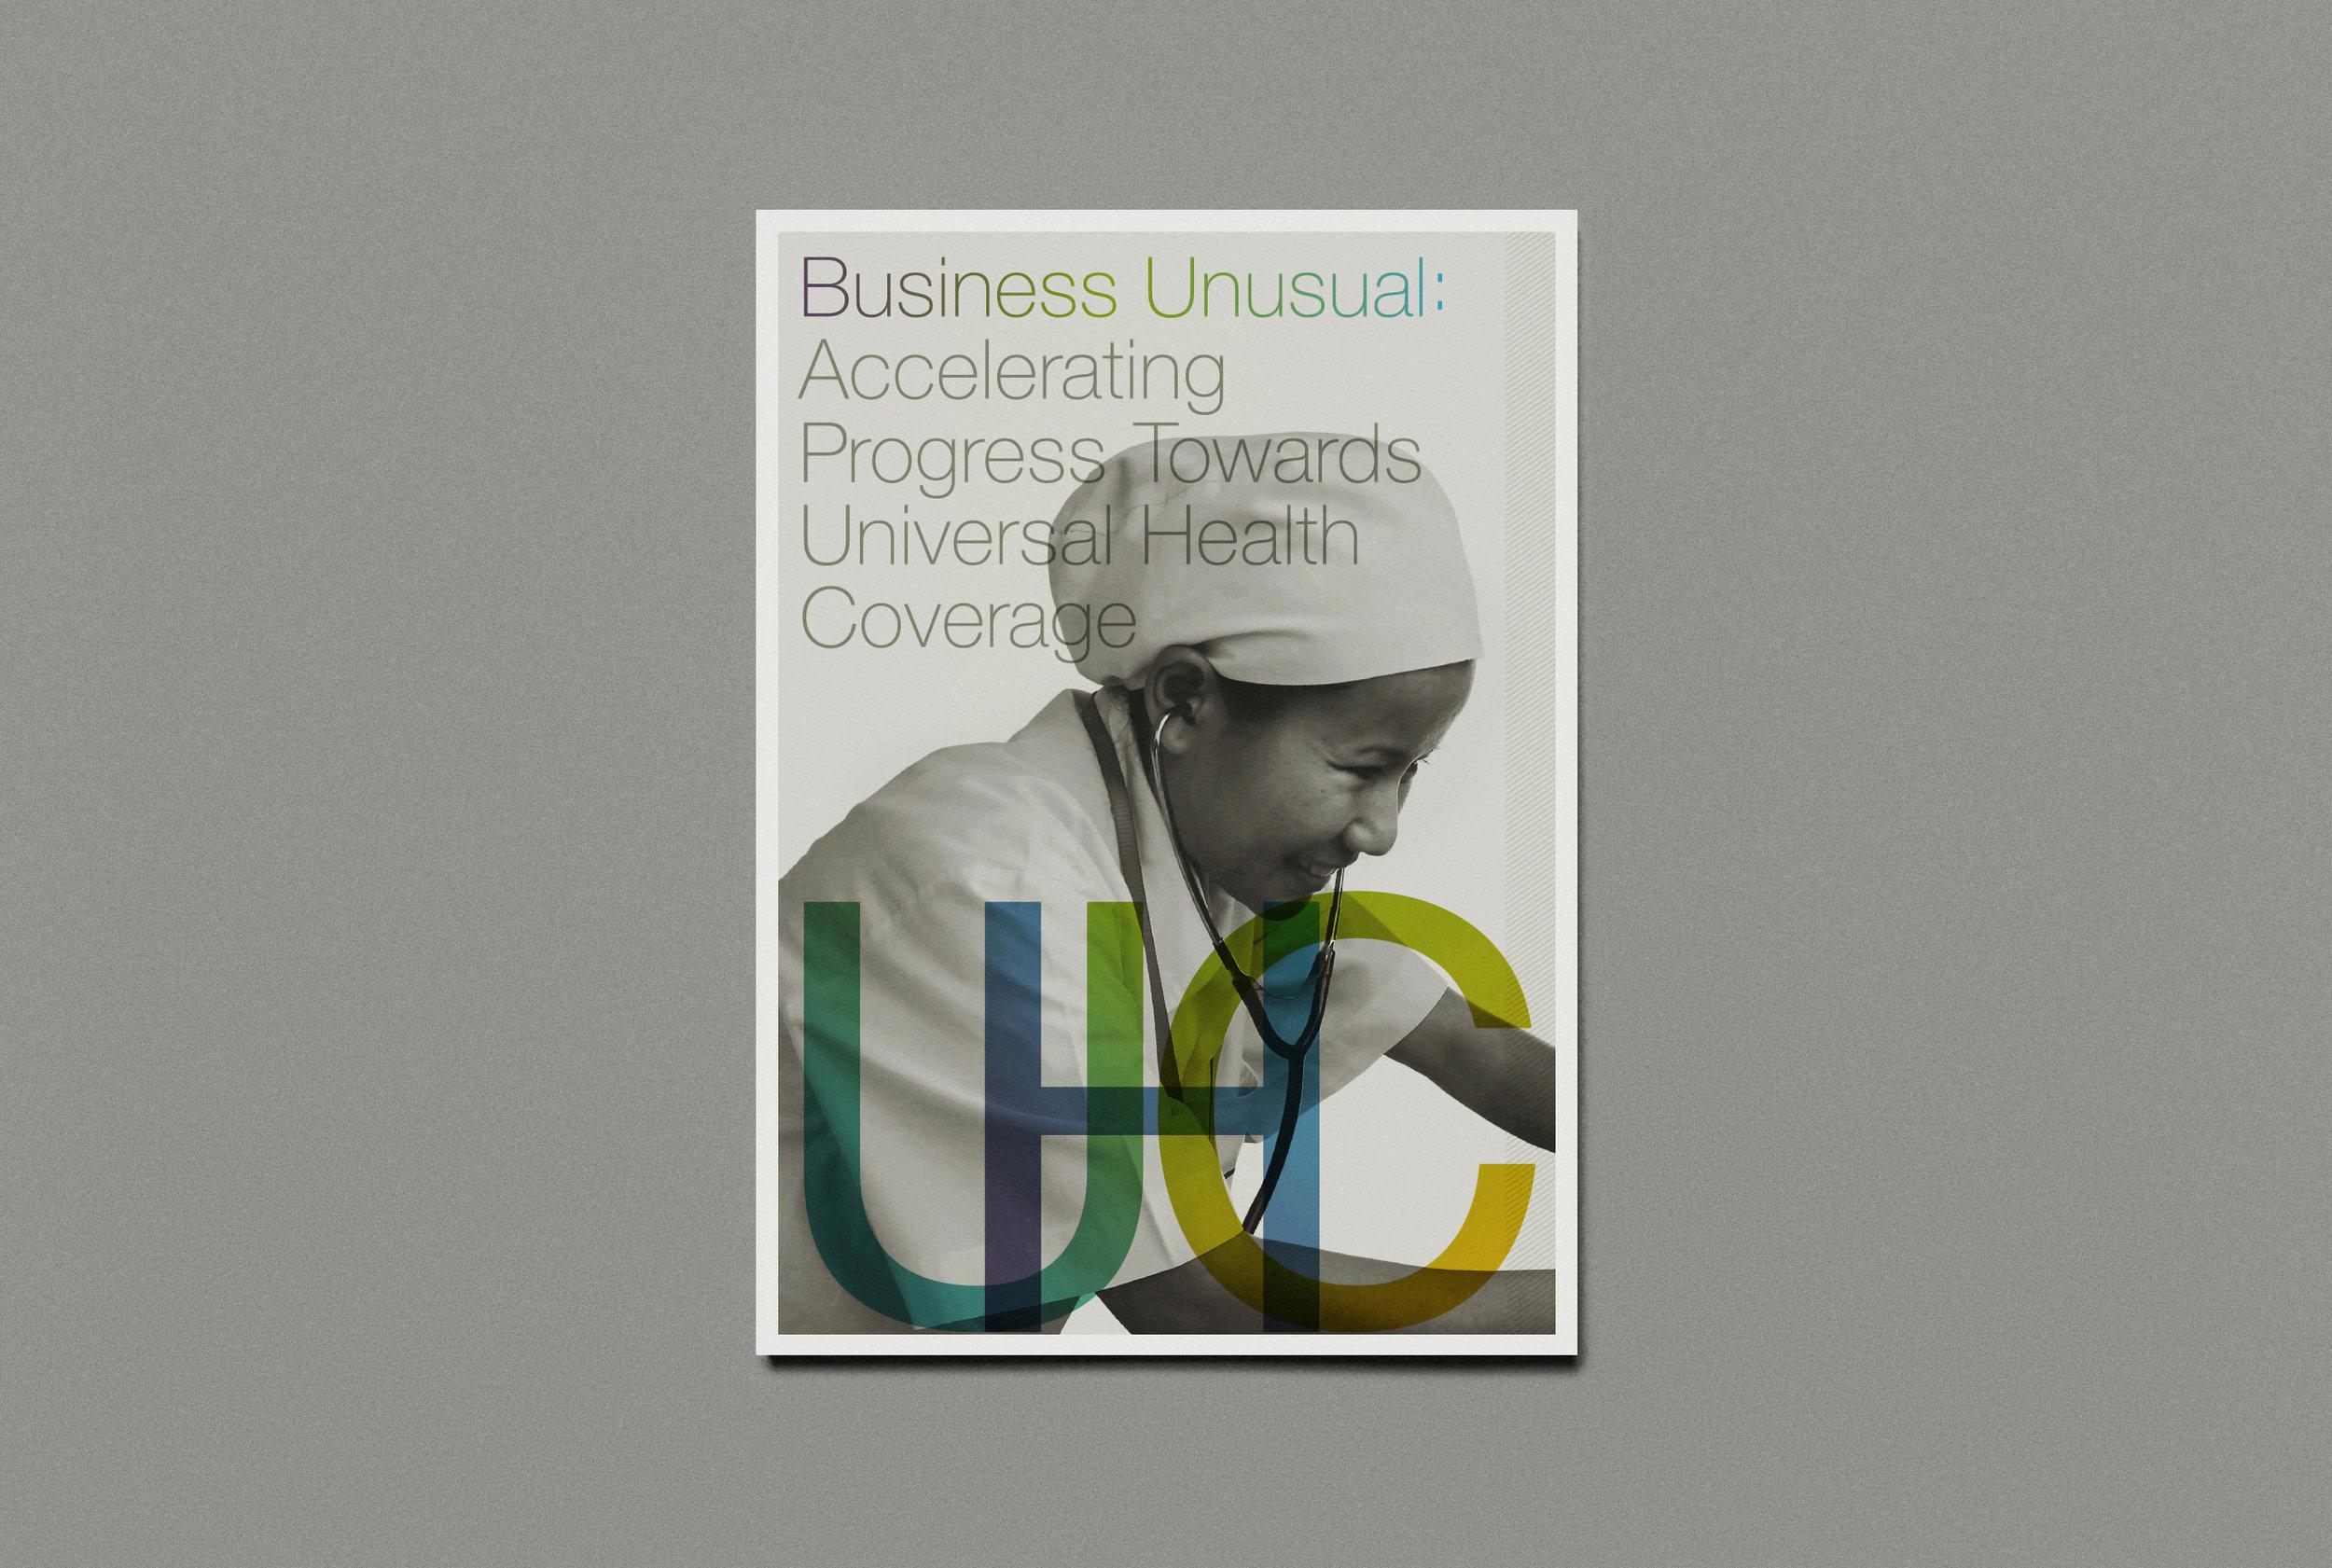 UHC_2.jpg